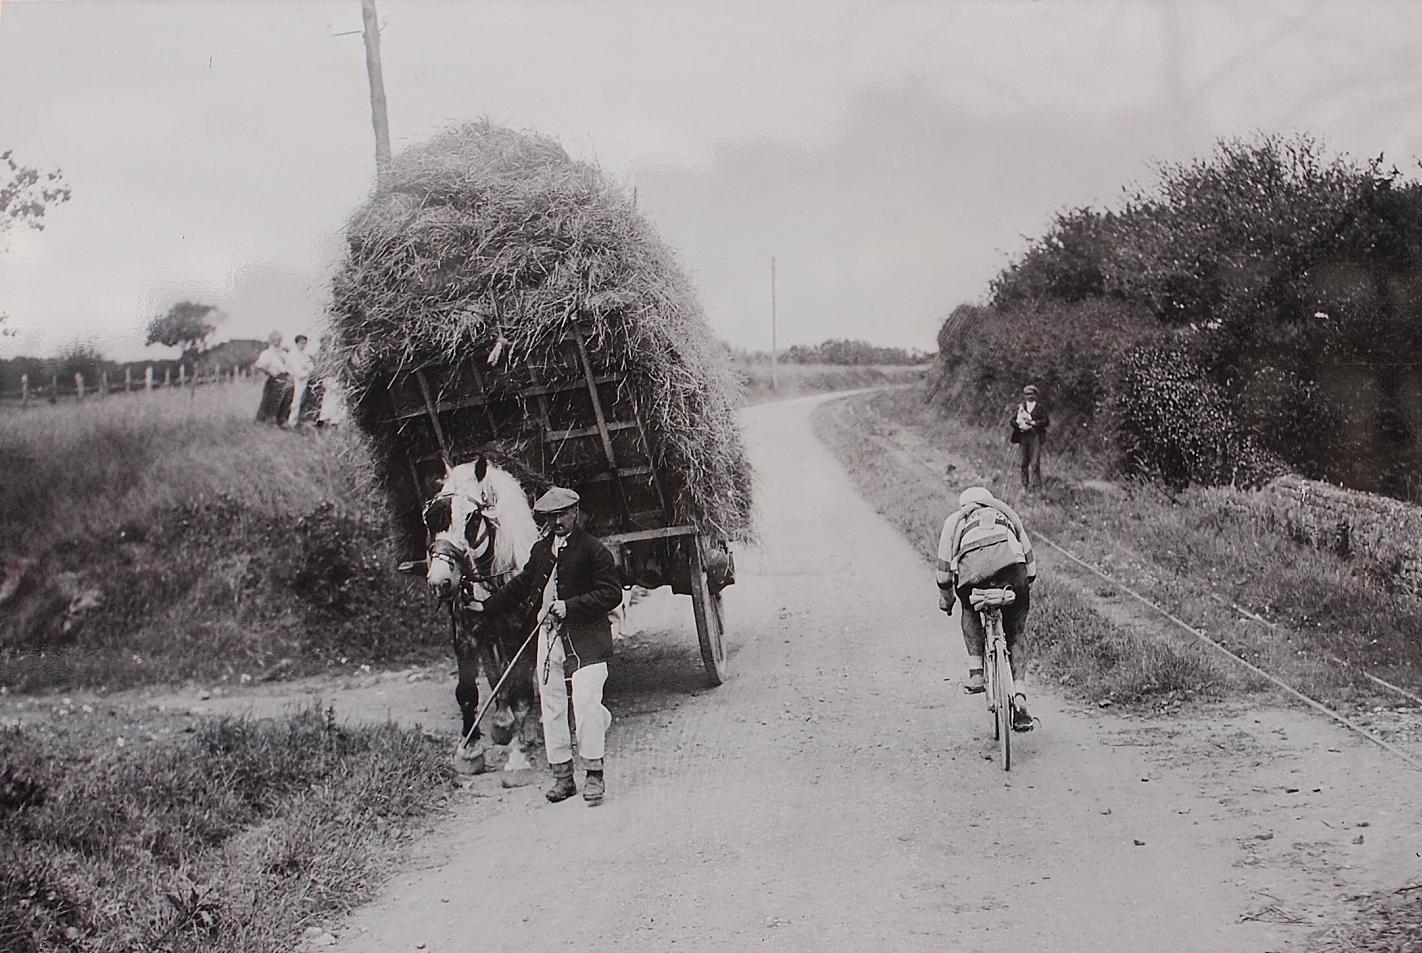 Le Tour, 100 éditions d'émotions - 2nd épisode, 1919-1929 : les années belges